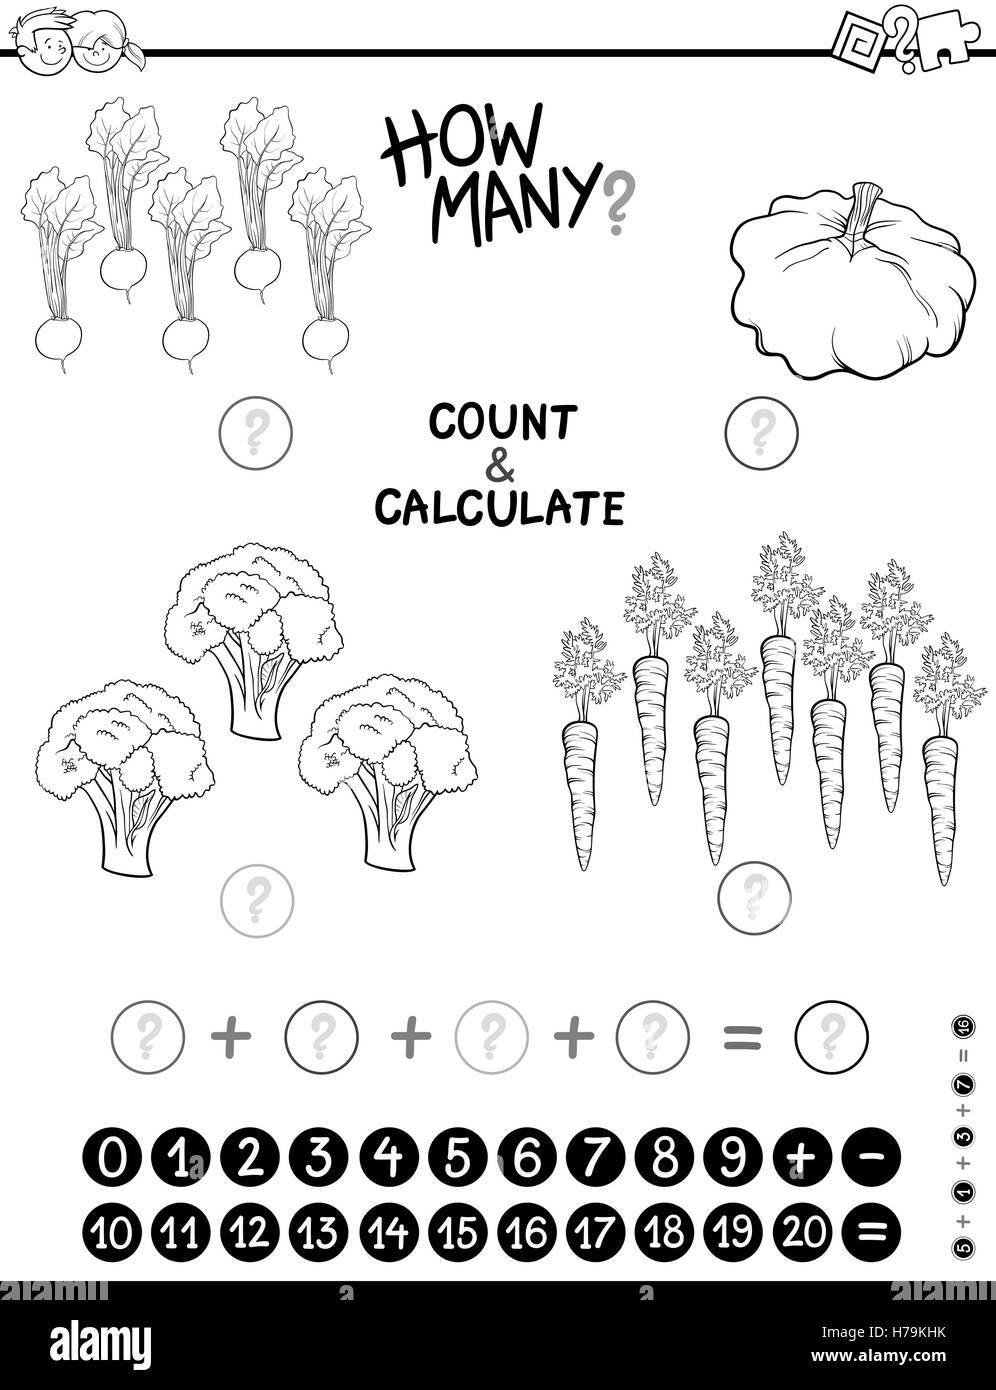 Ilustración Caricatura En Blanco Y Negro De Recuento De Matemática